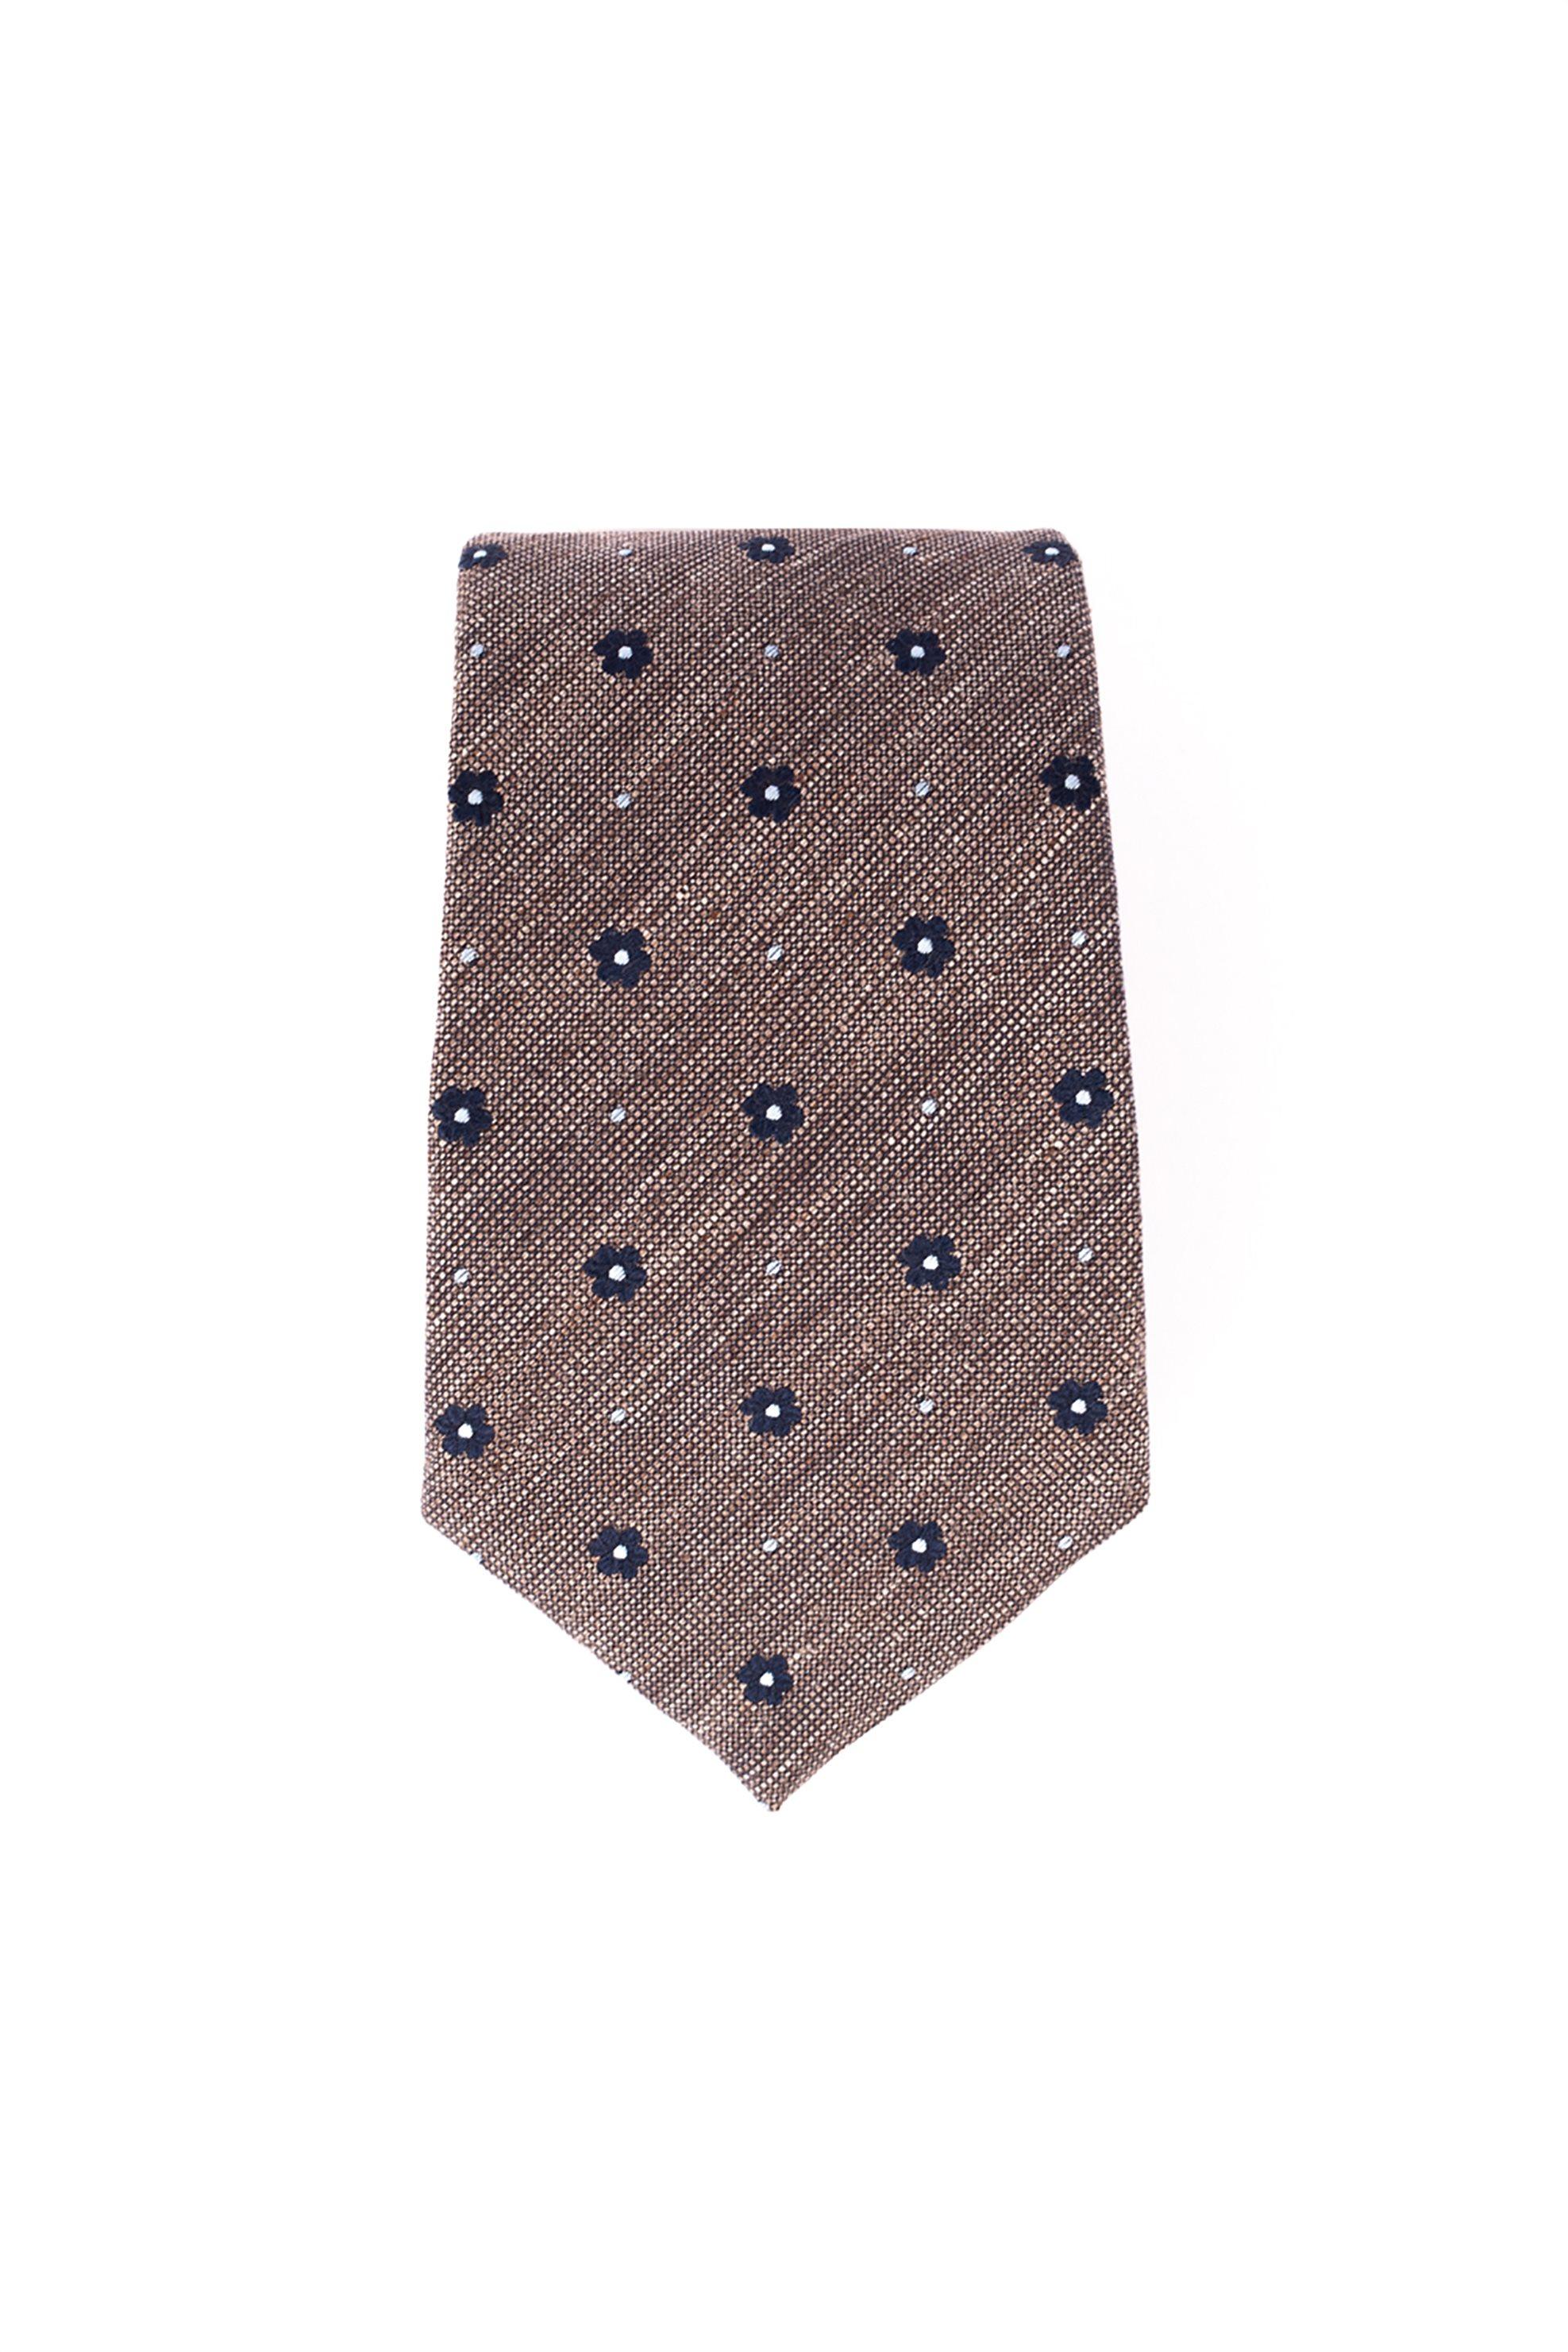 Dur ανδρική μεταξωτή γραβάτα με μιρκοσχέδιο - 71200108 - Καφέ